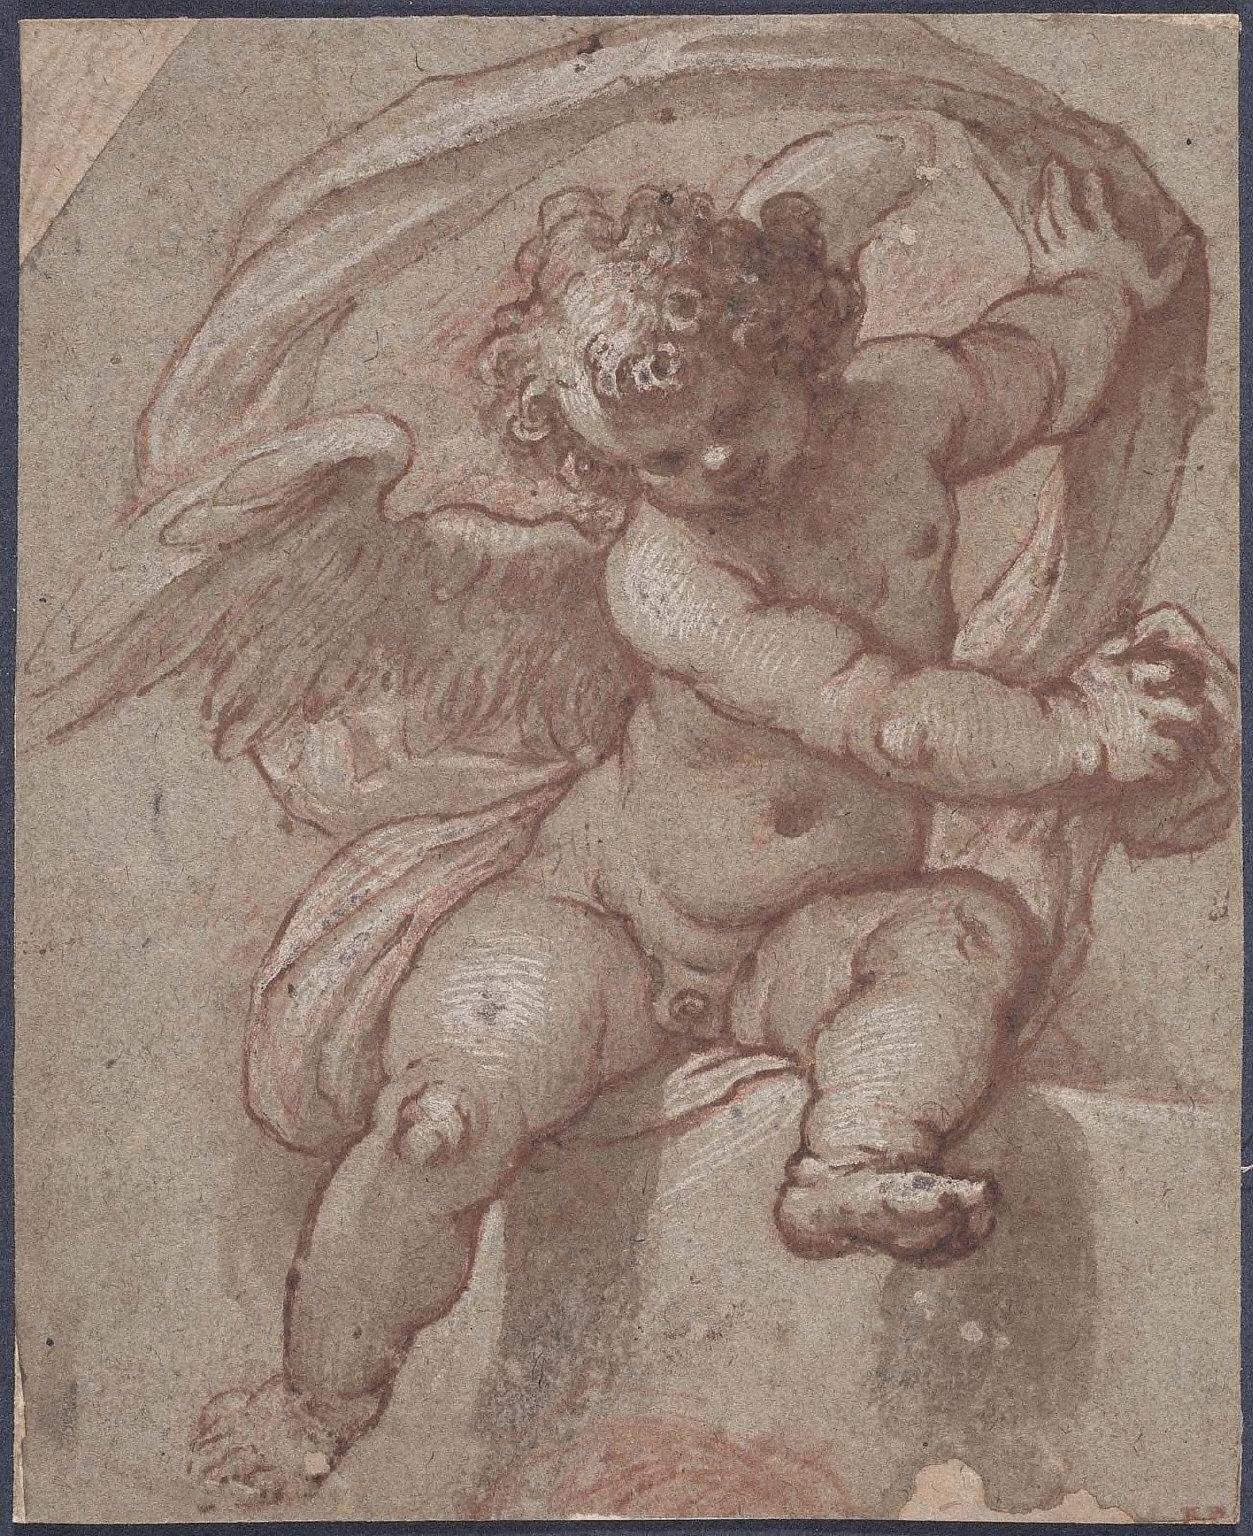 Cupid, seated